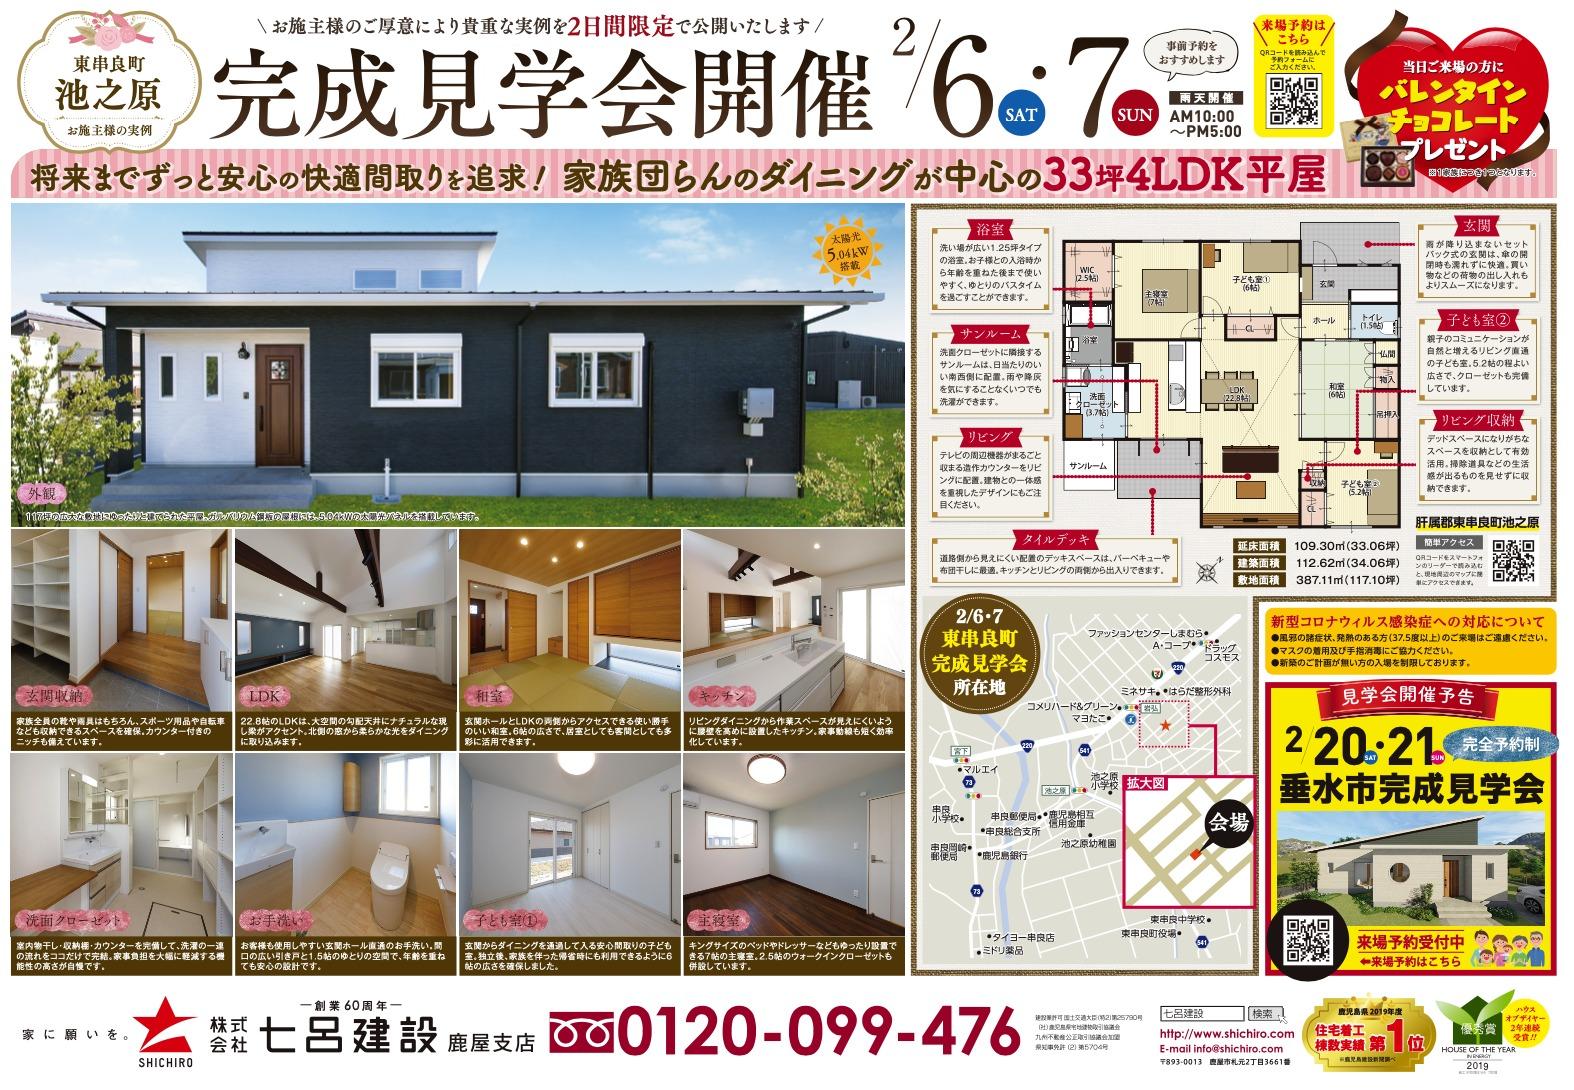 東串良町で完成見学会  家族団らんのダイニングが中心の33坪4LDK平屋